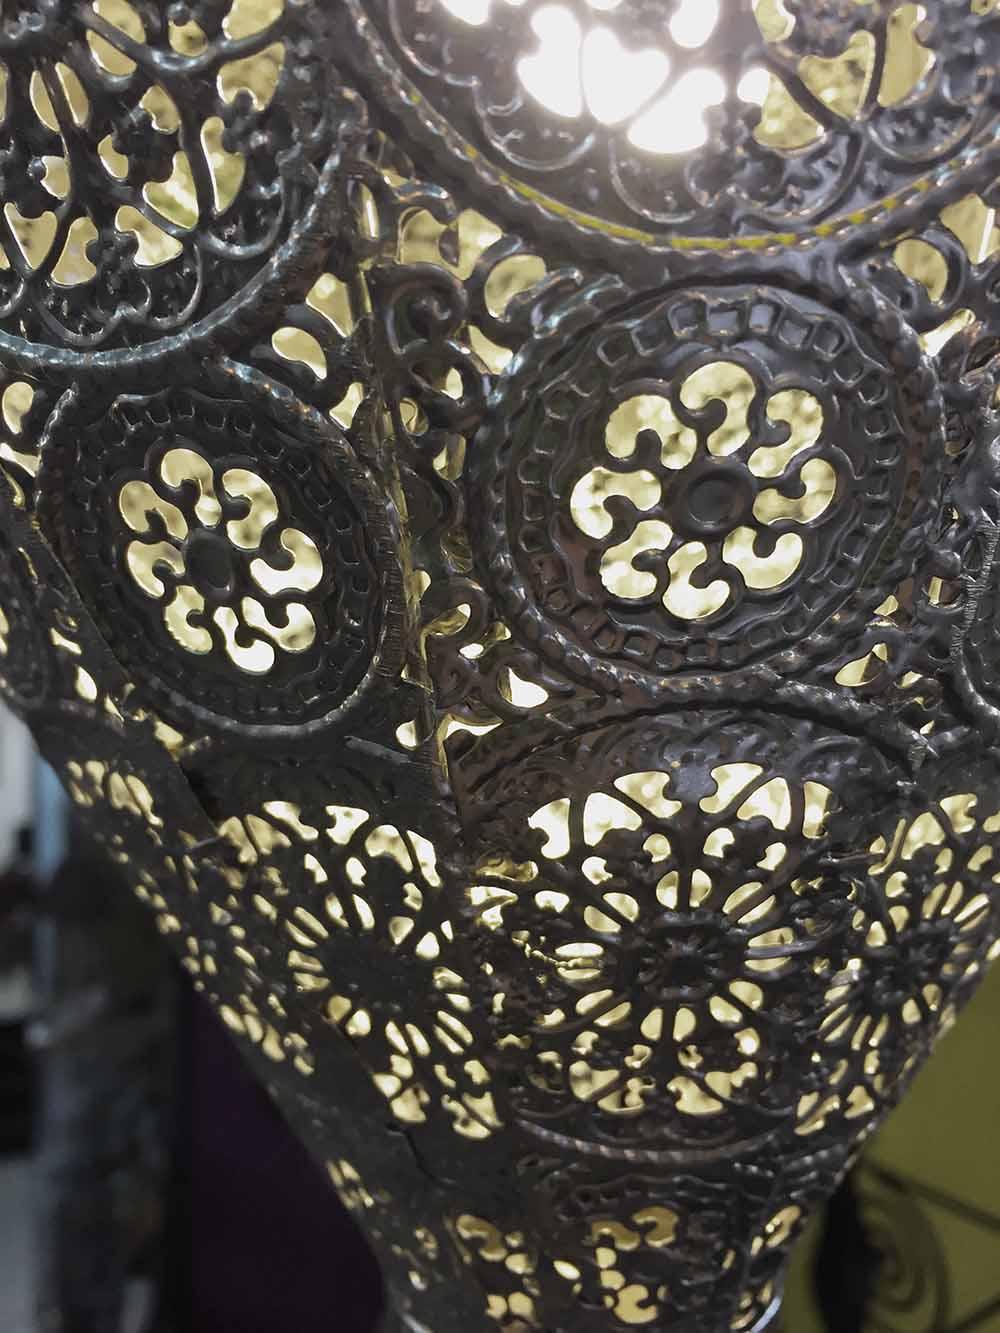 lampadario goccia (Illuminazione, Lampadari) di Artigianato ...